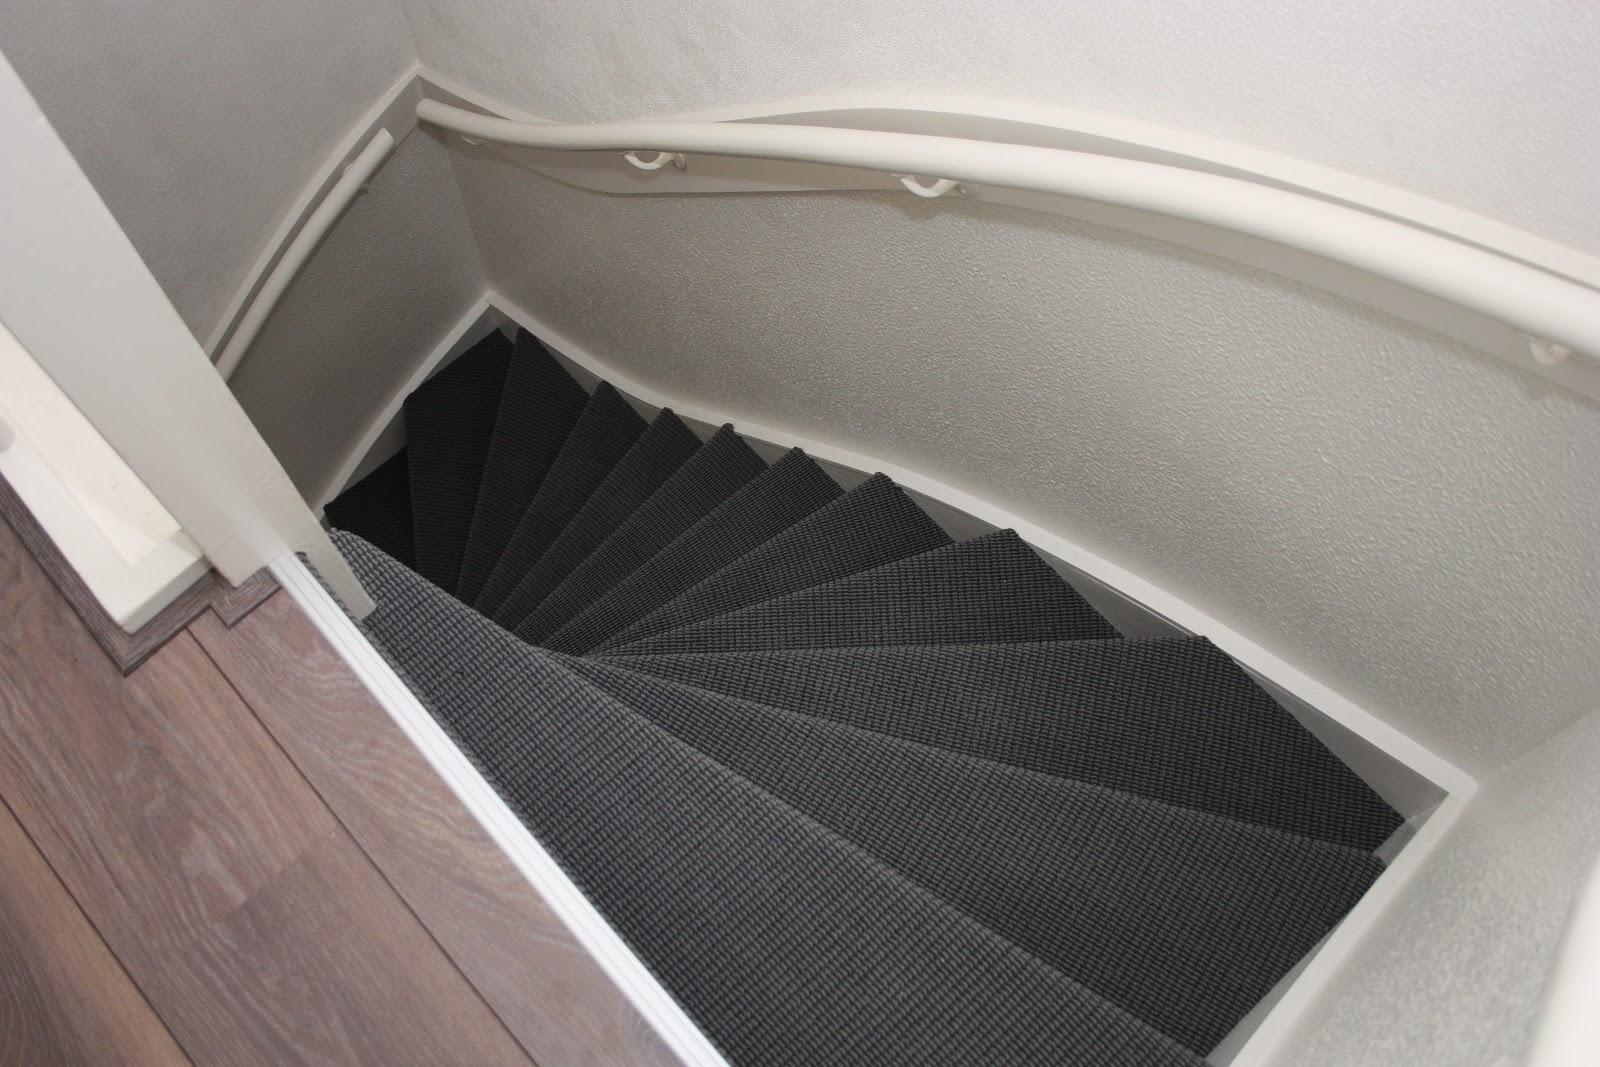 Lekker stoer  De trap